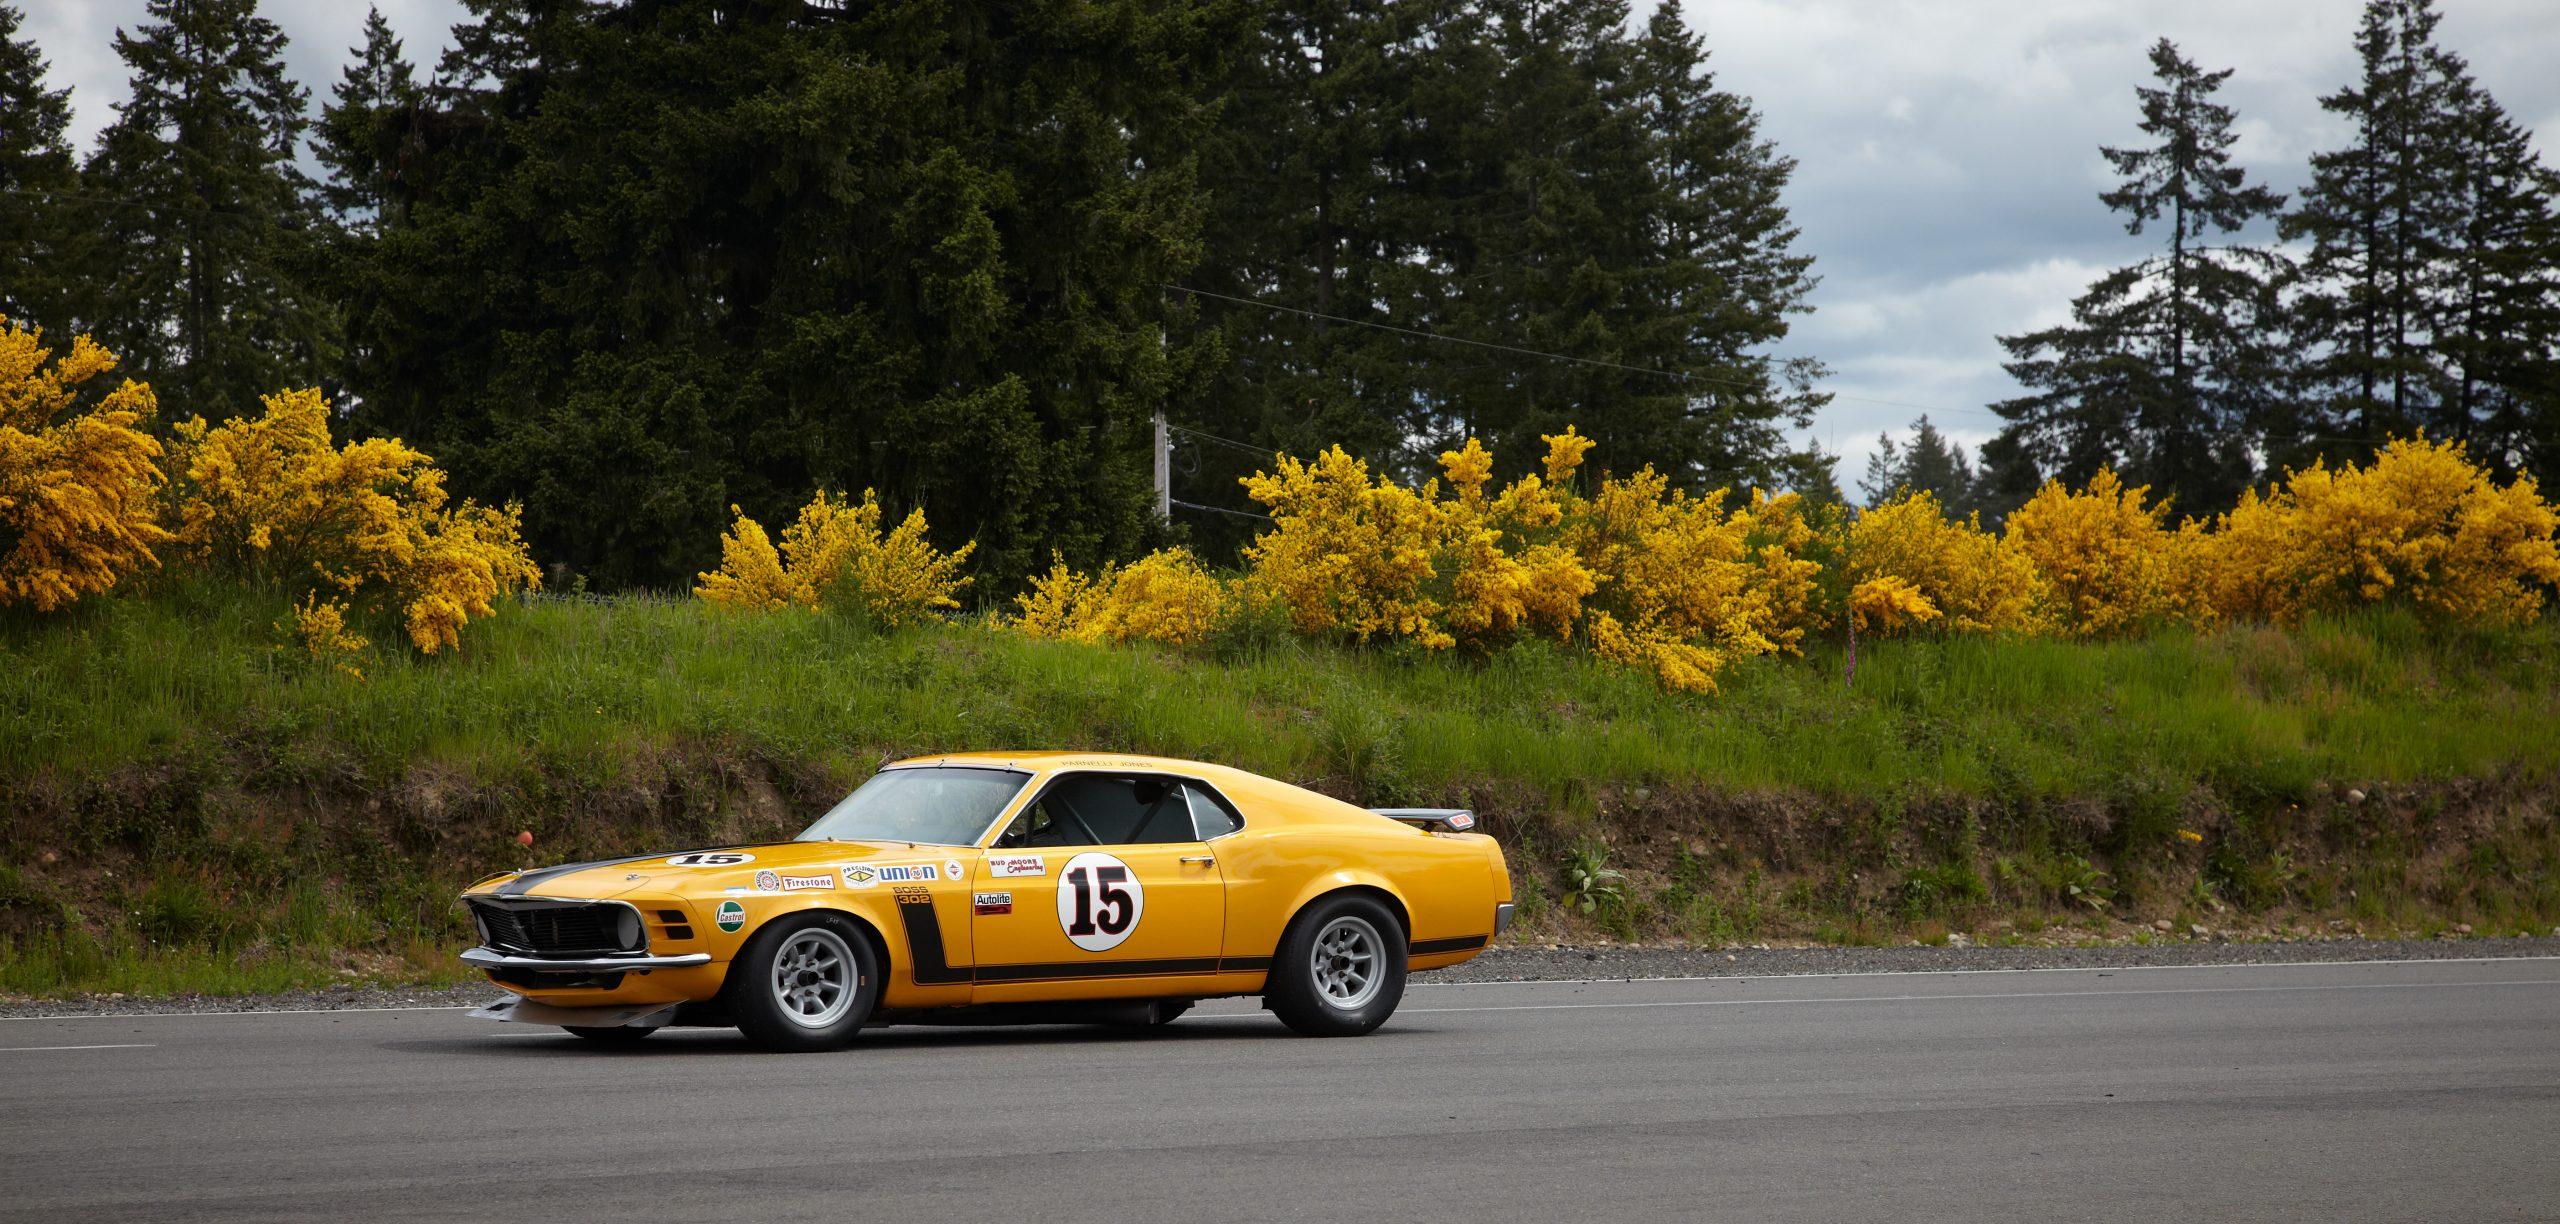 Parnelli Jones Boss 302 Trans Am Championship Mustang